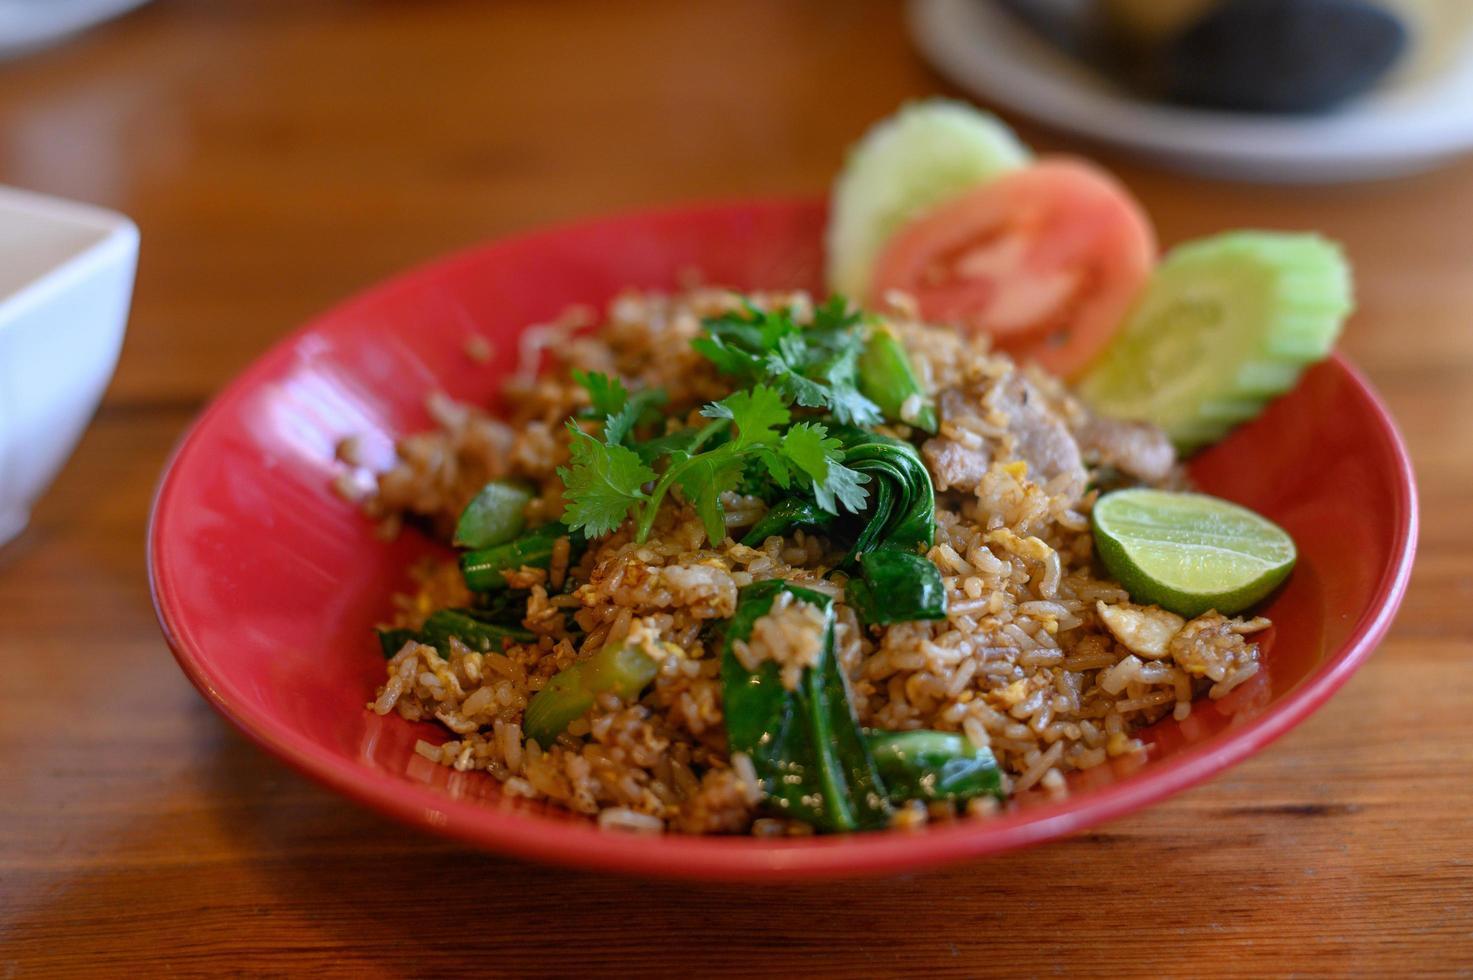 arroz de porco frito que está no prato, com meio limão na mesa de madeira foto